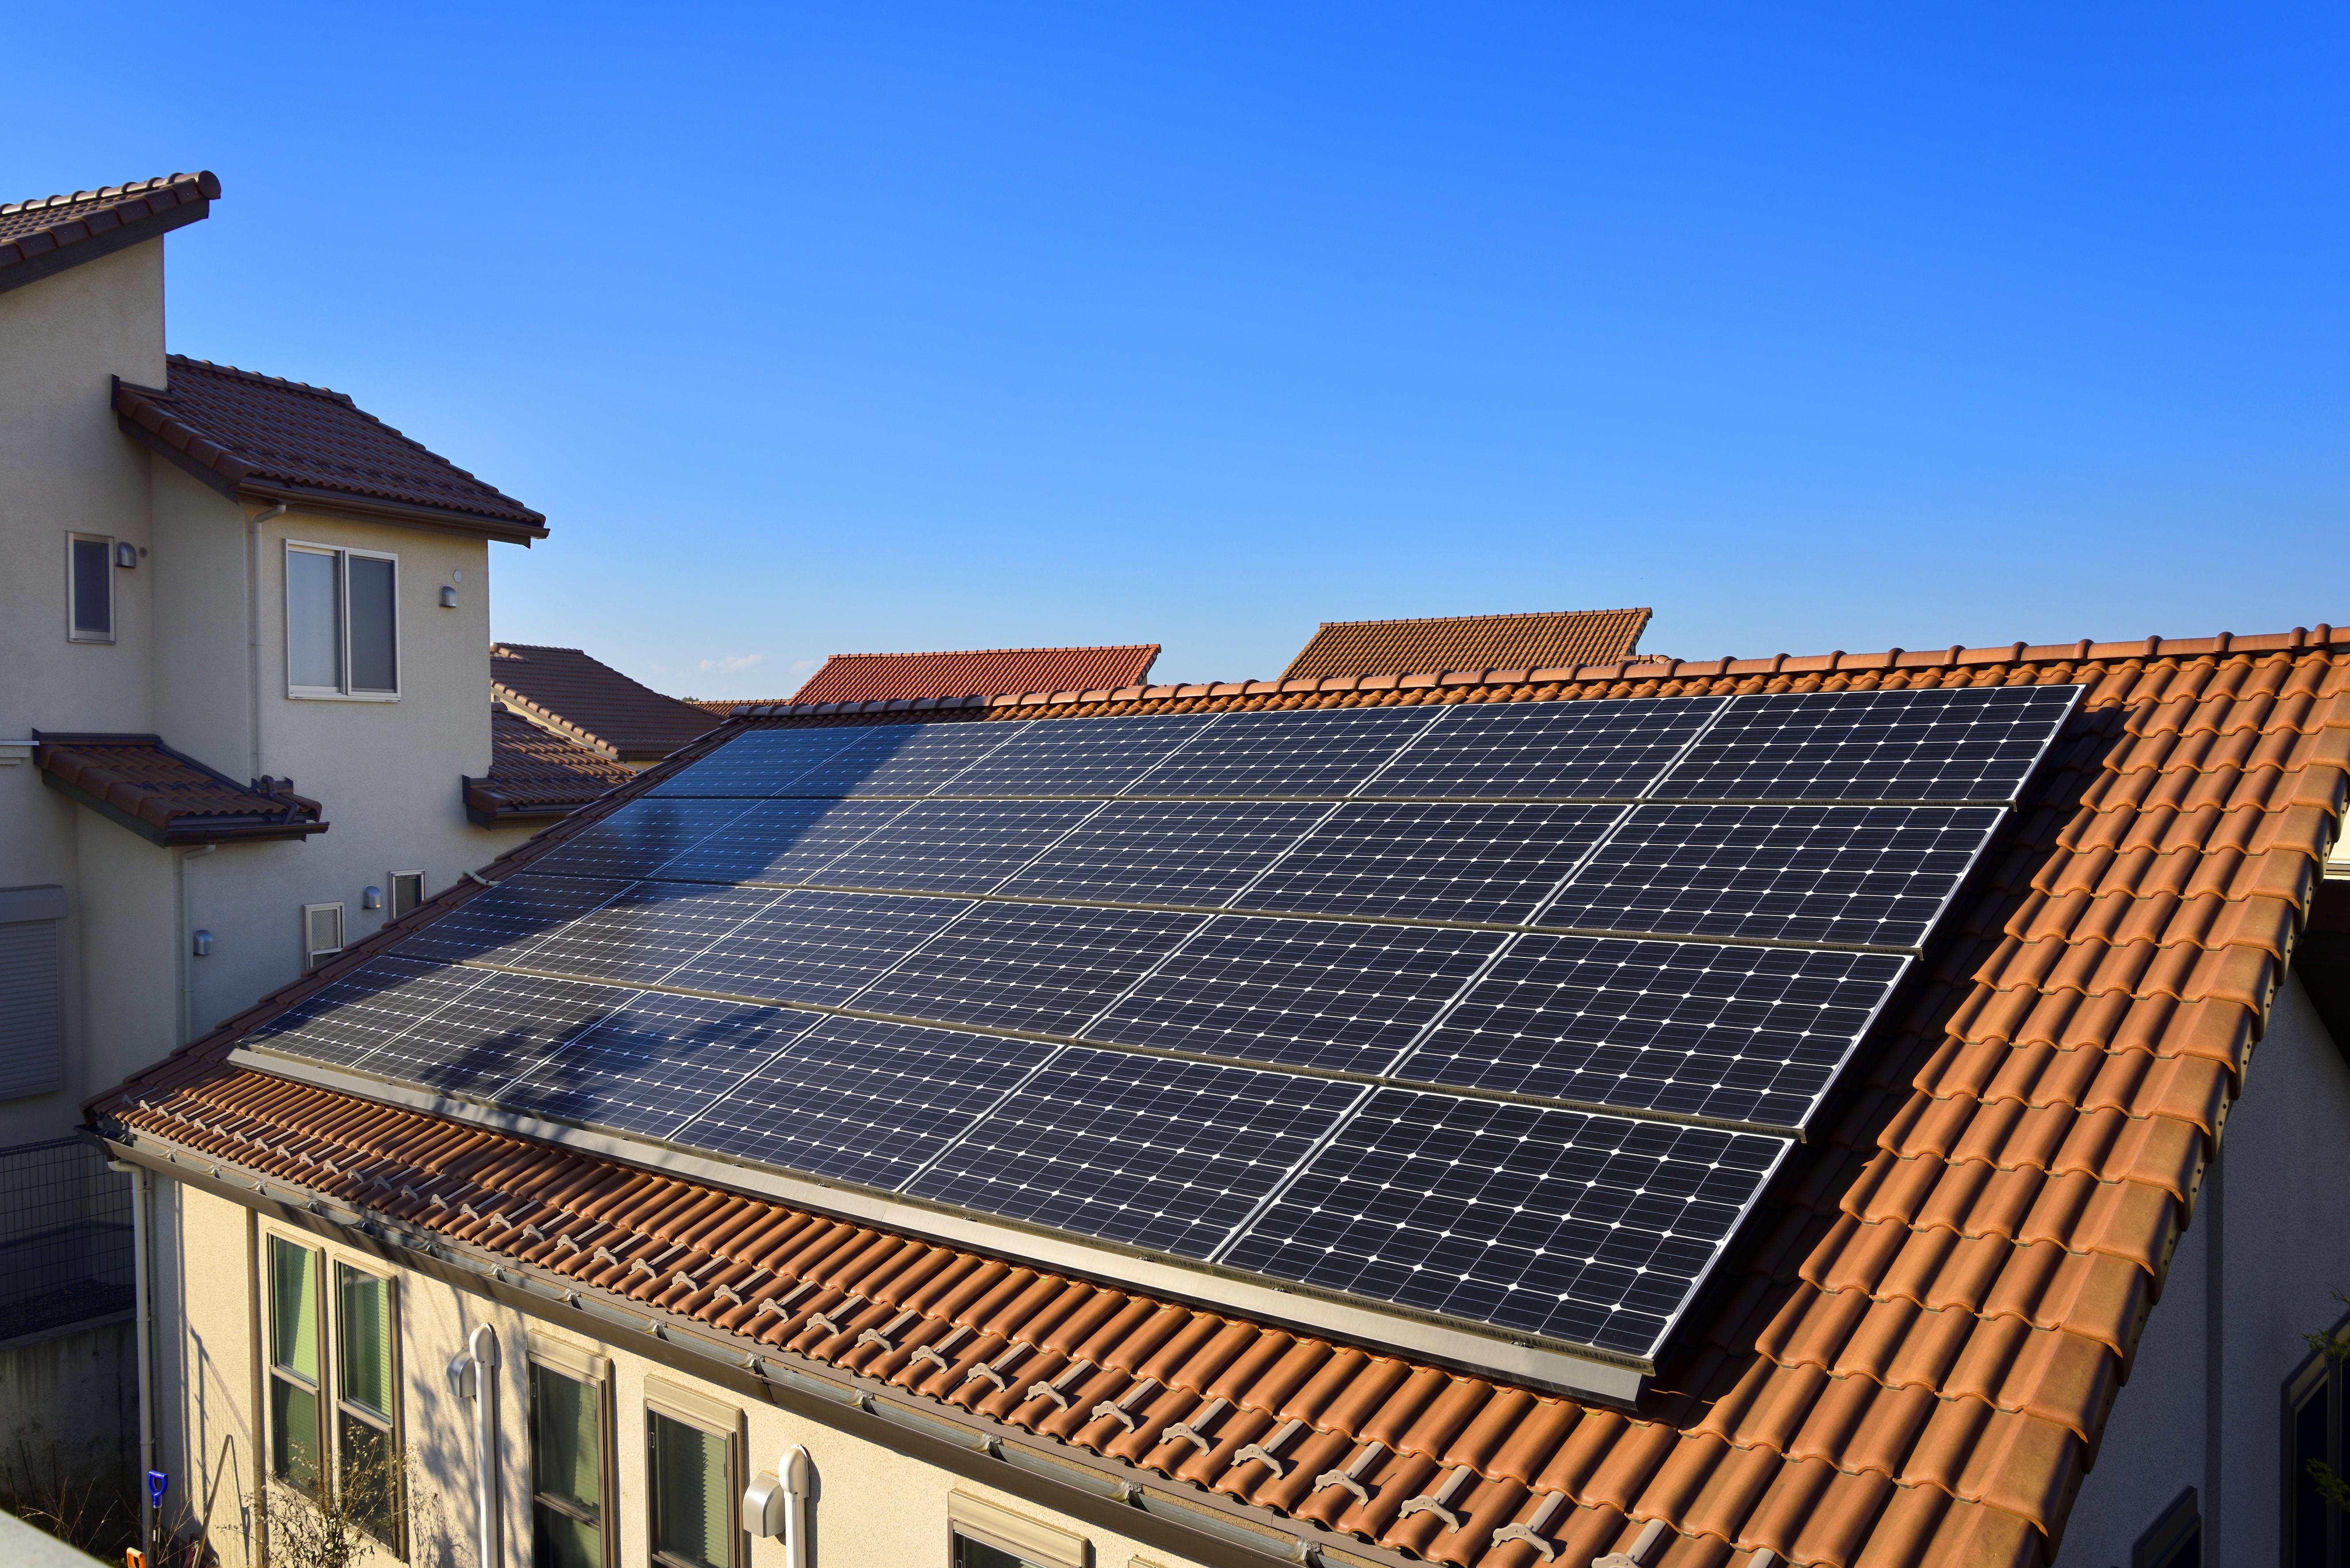 11年以降のソーラーパネル(太陽光パネル)を設置した場合について考えてみた